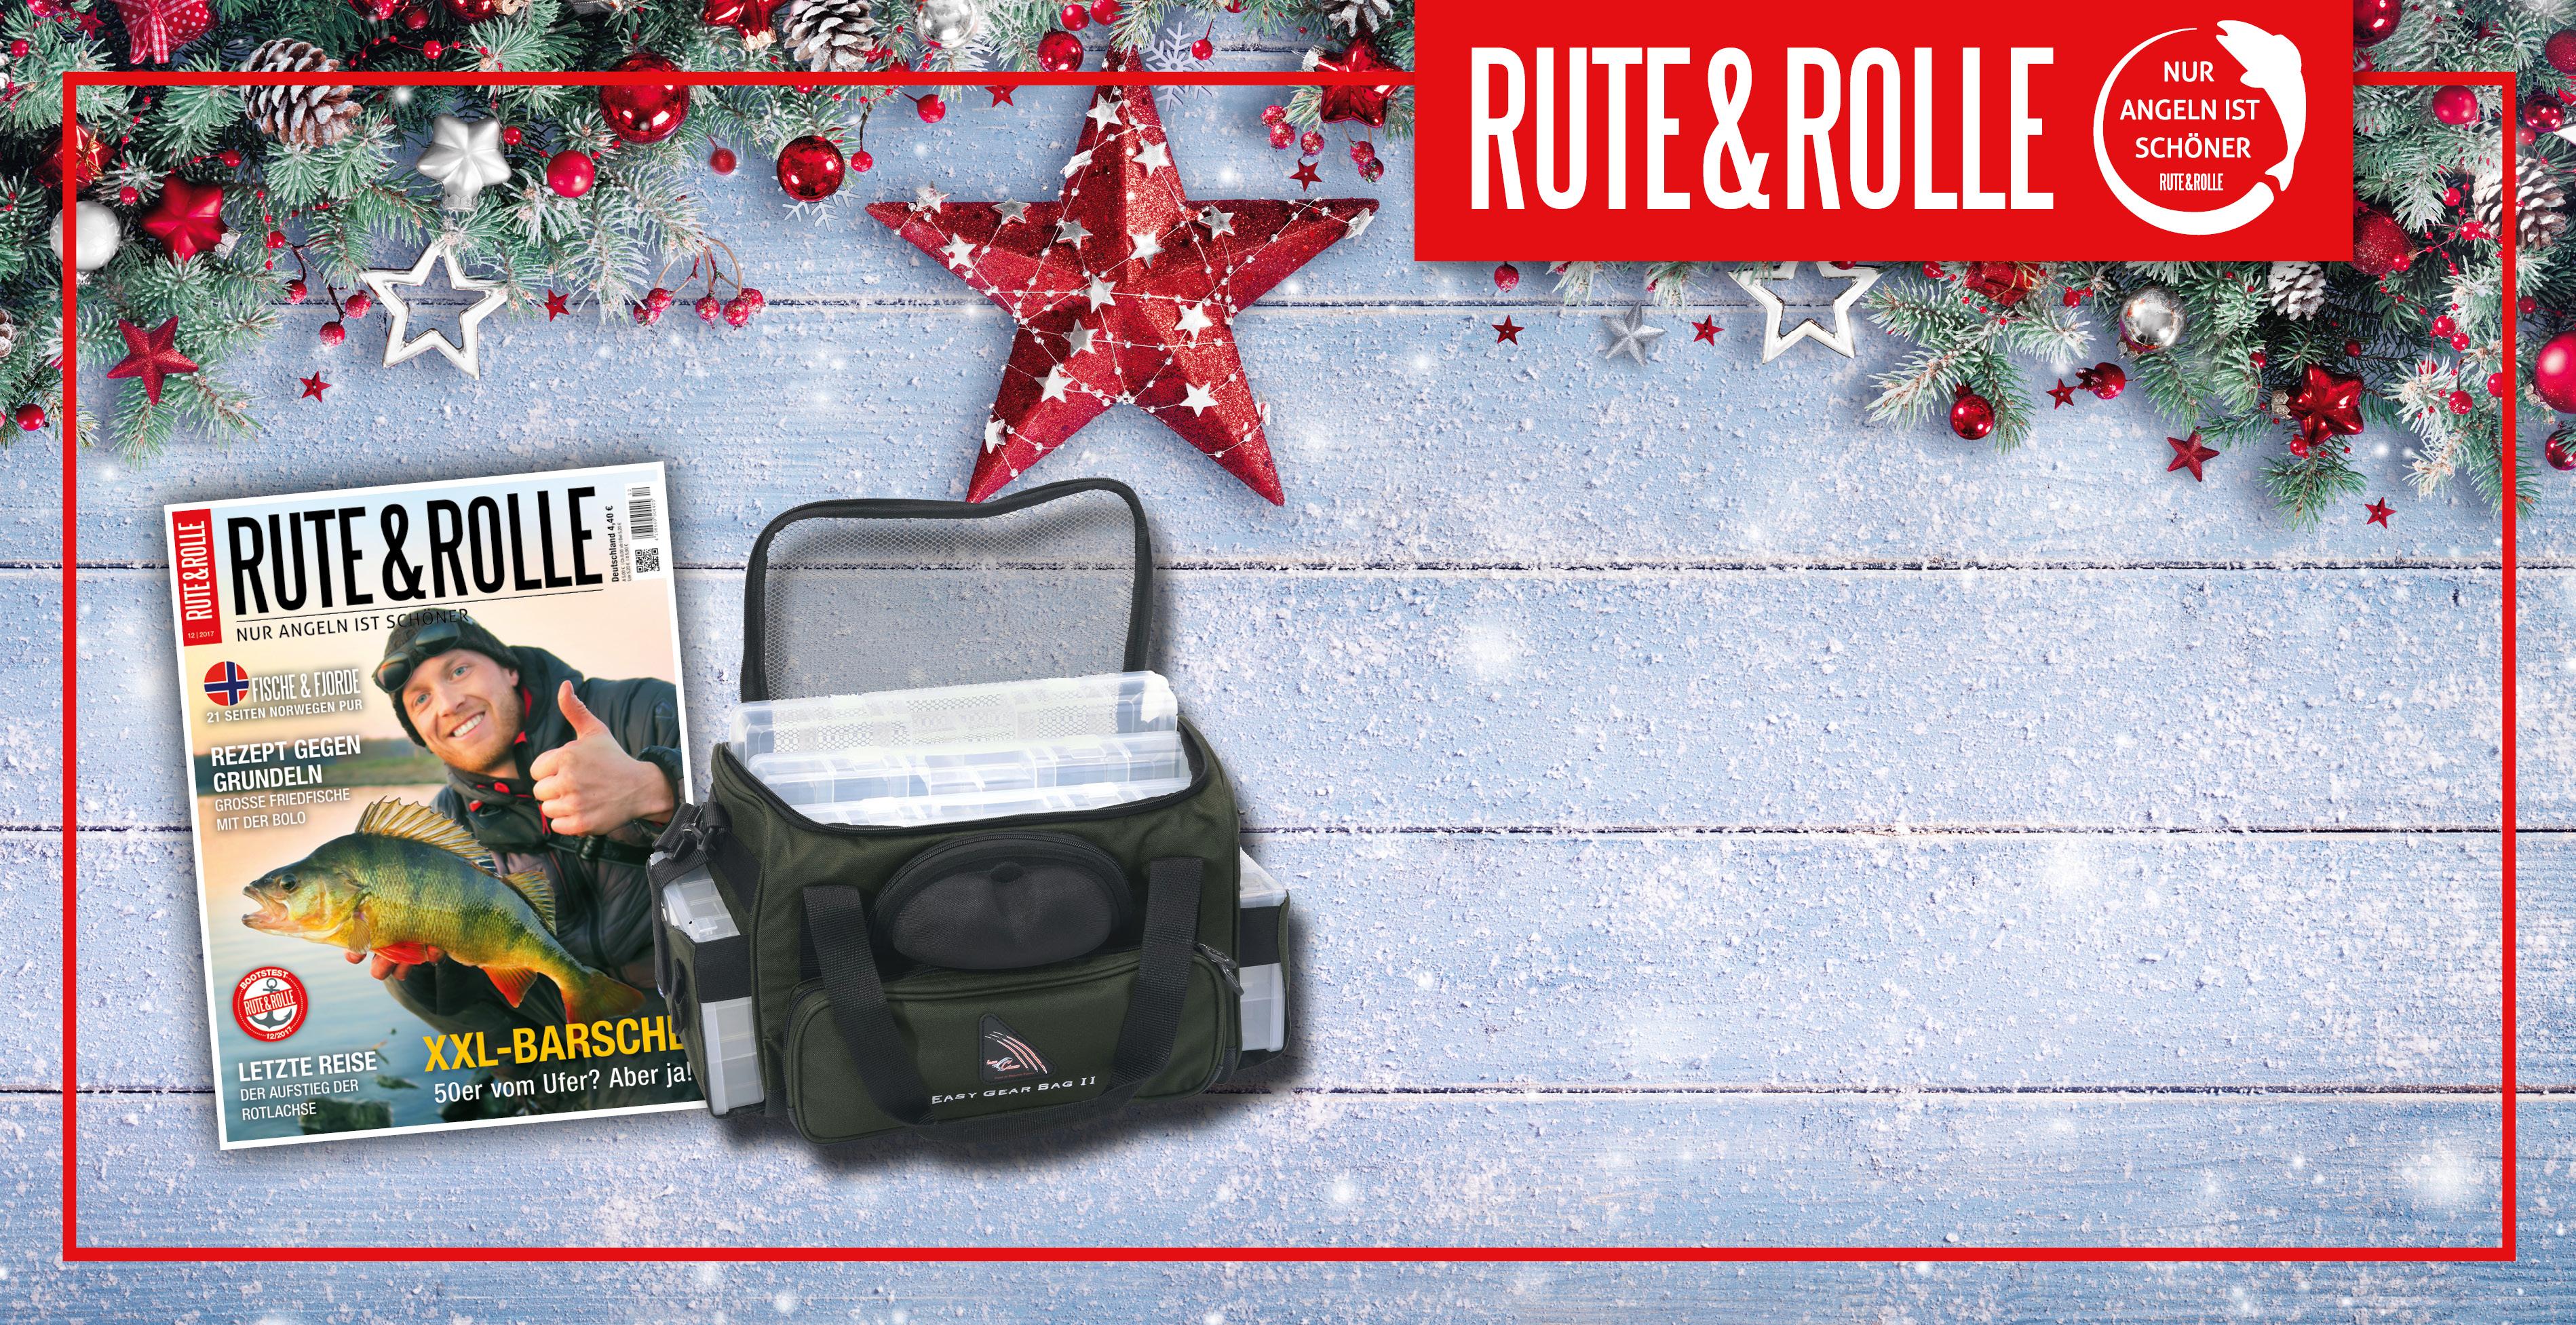 Schenke zu Weihnachten Rute & Rolle - Rute & Rolle